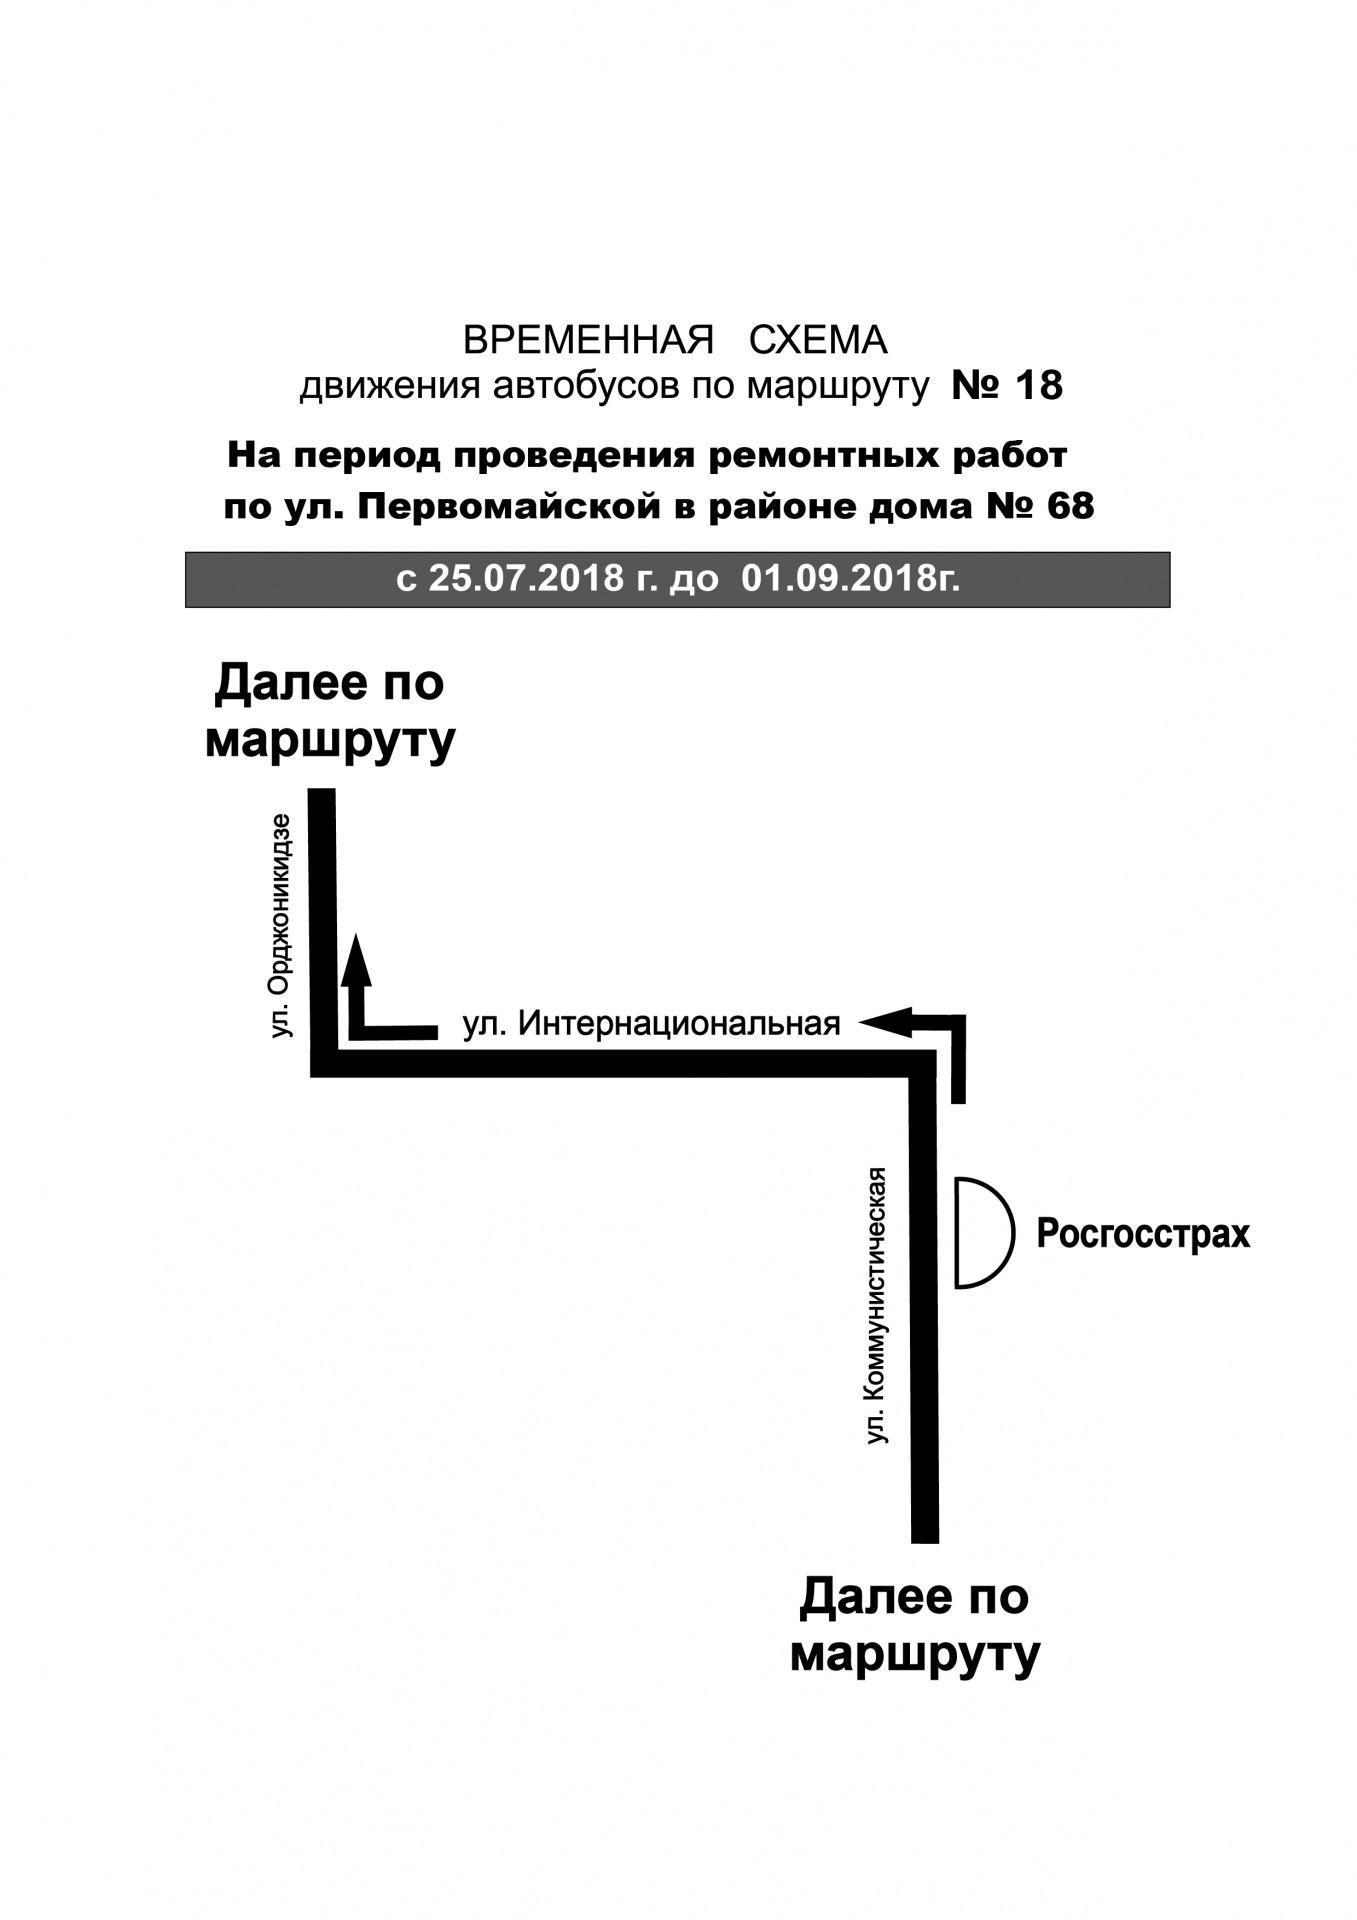 18-01.jpg